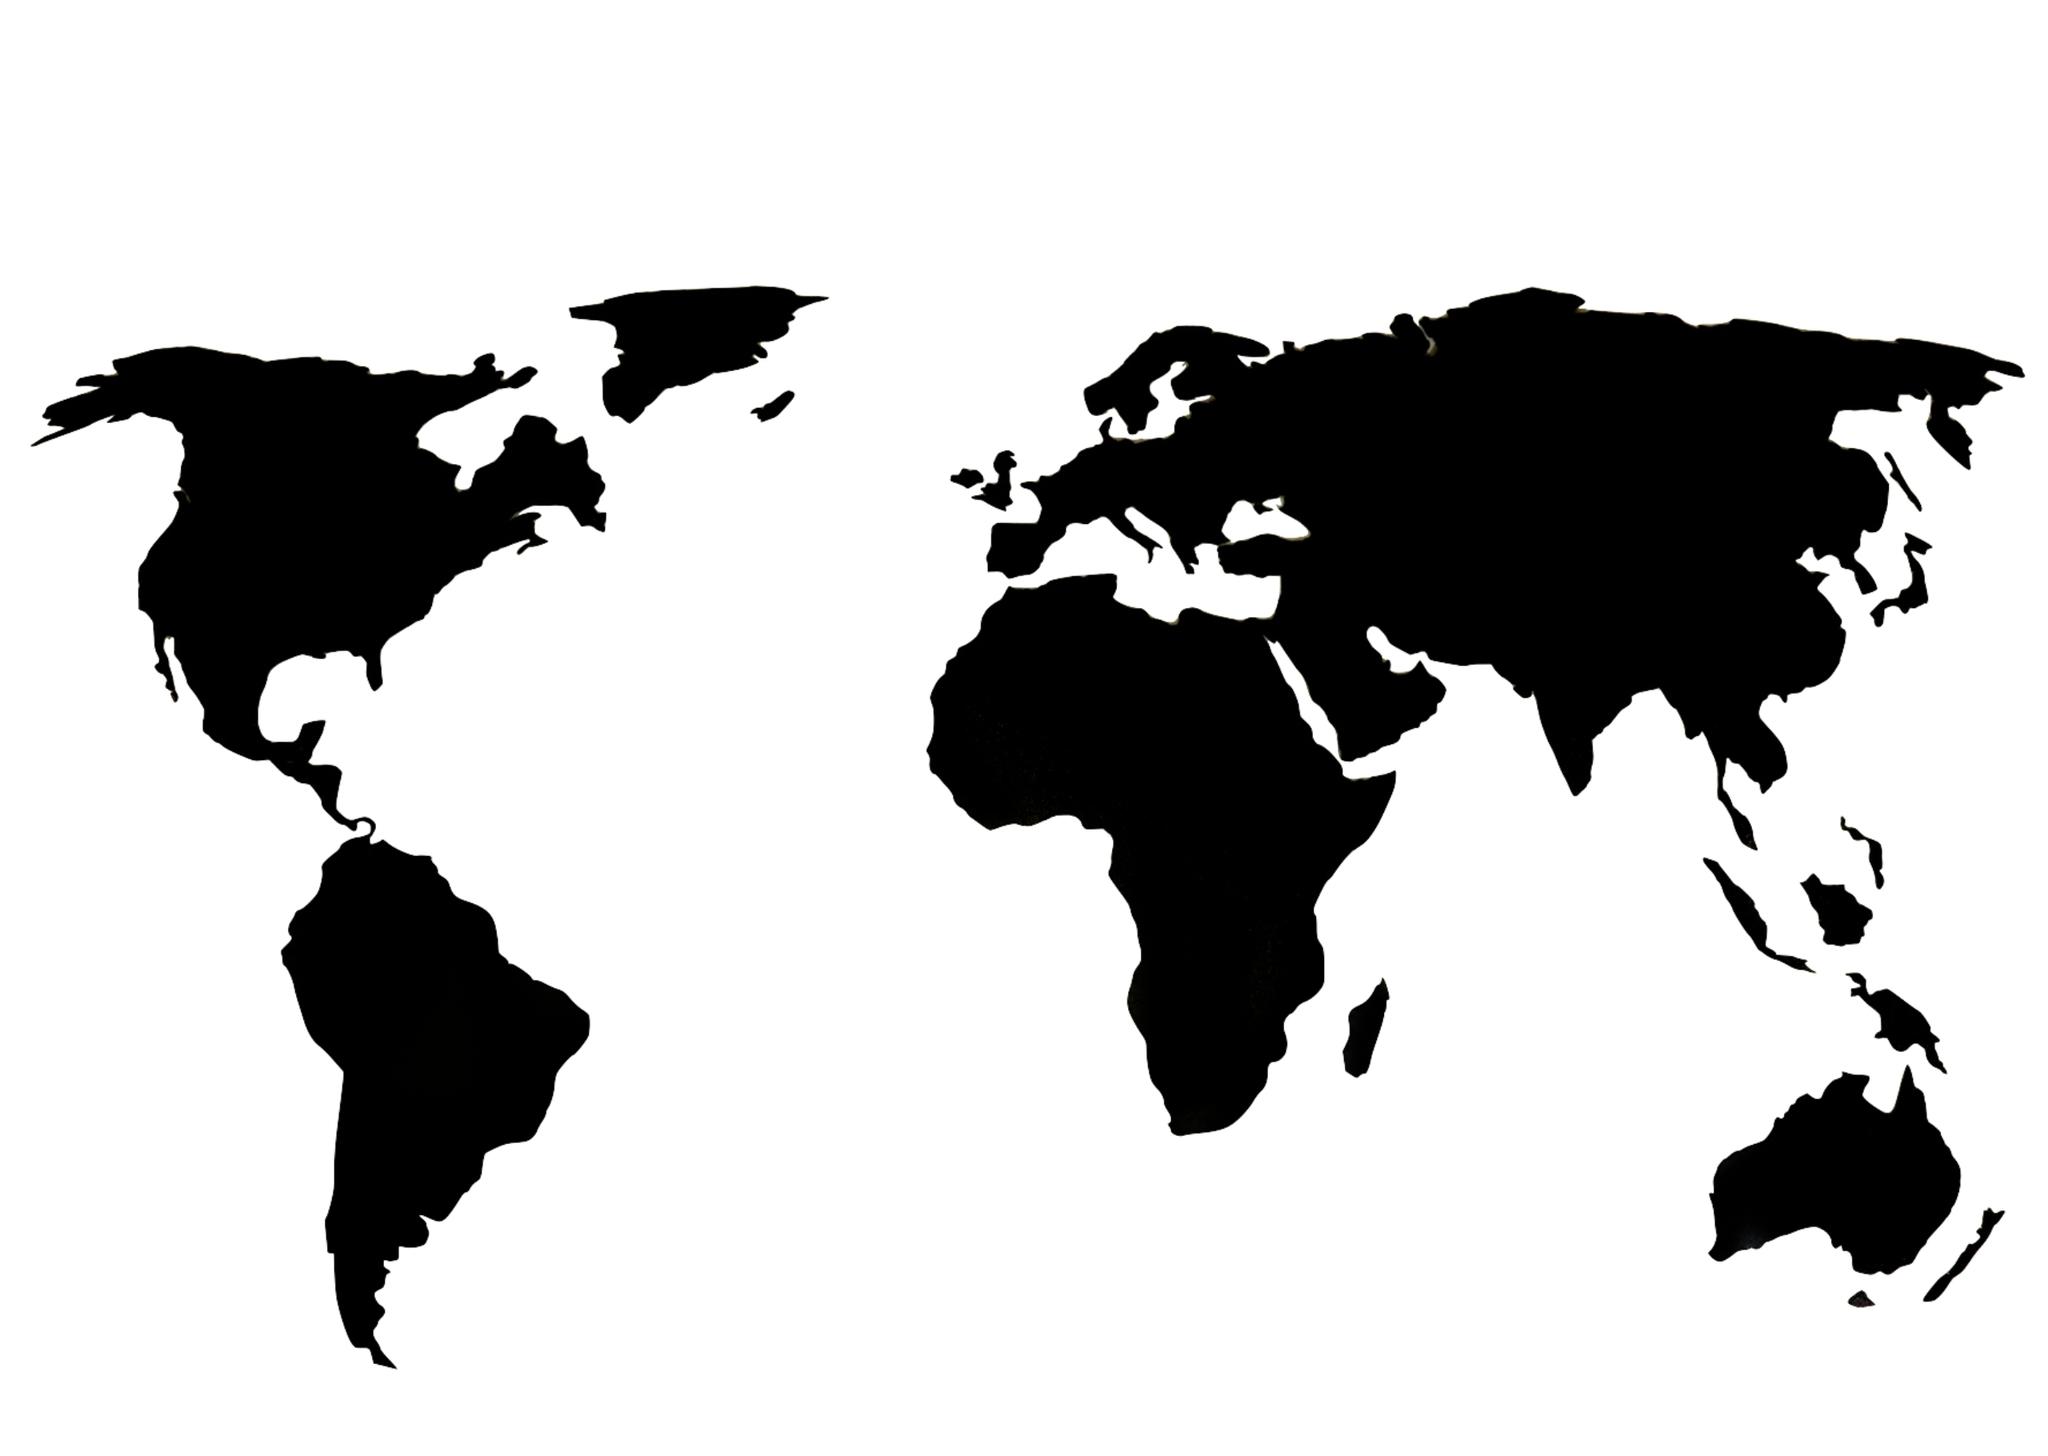 Деревянная карта мира 120х60 см Premium (Черная)